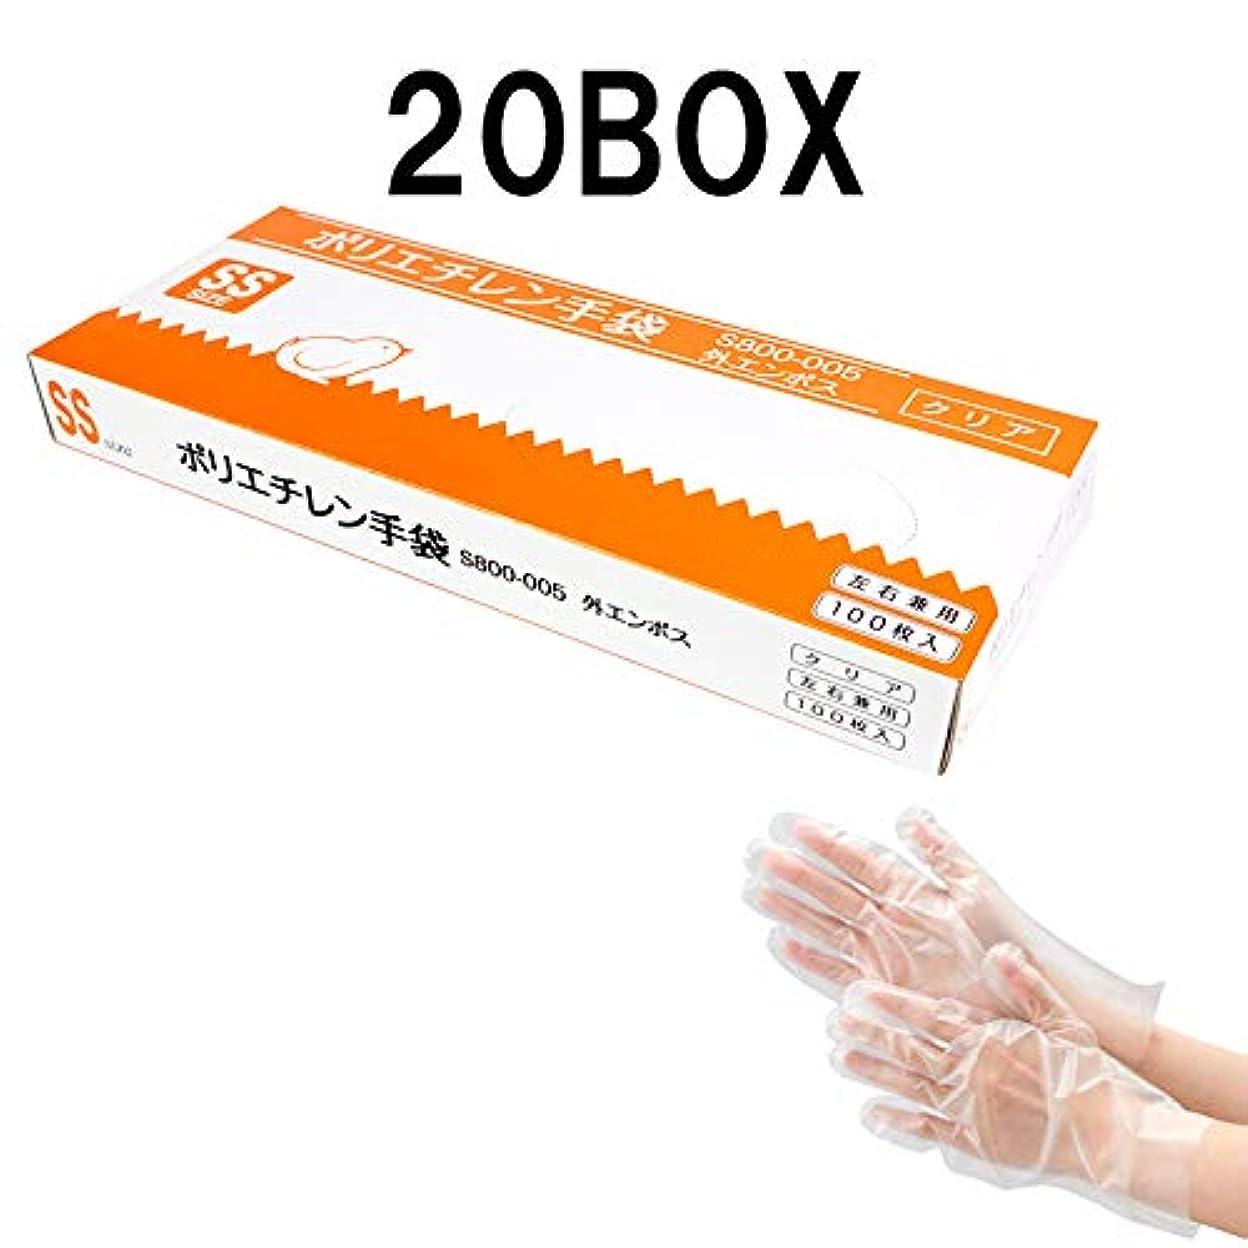 ポスト印象派順番多年生(2000枚) 使い捨て ポリエチレン手袋 SSサイズ 100枚入り×20BOX クリア色 左右兼用 外エンボス 食品衛生法適合品